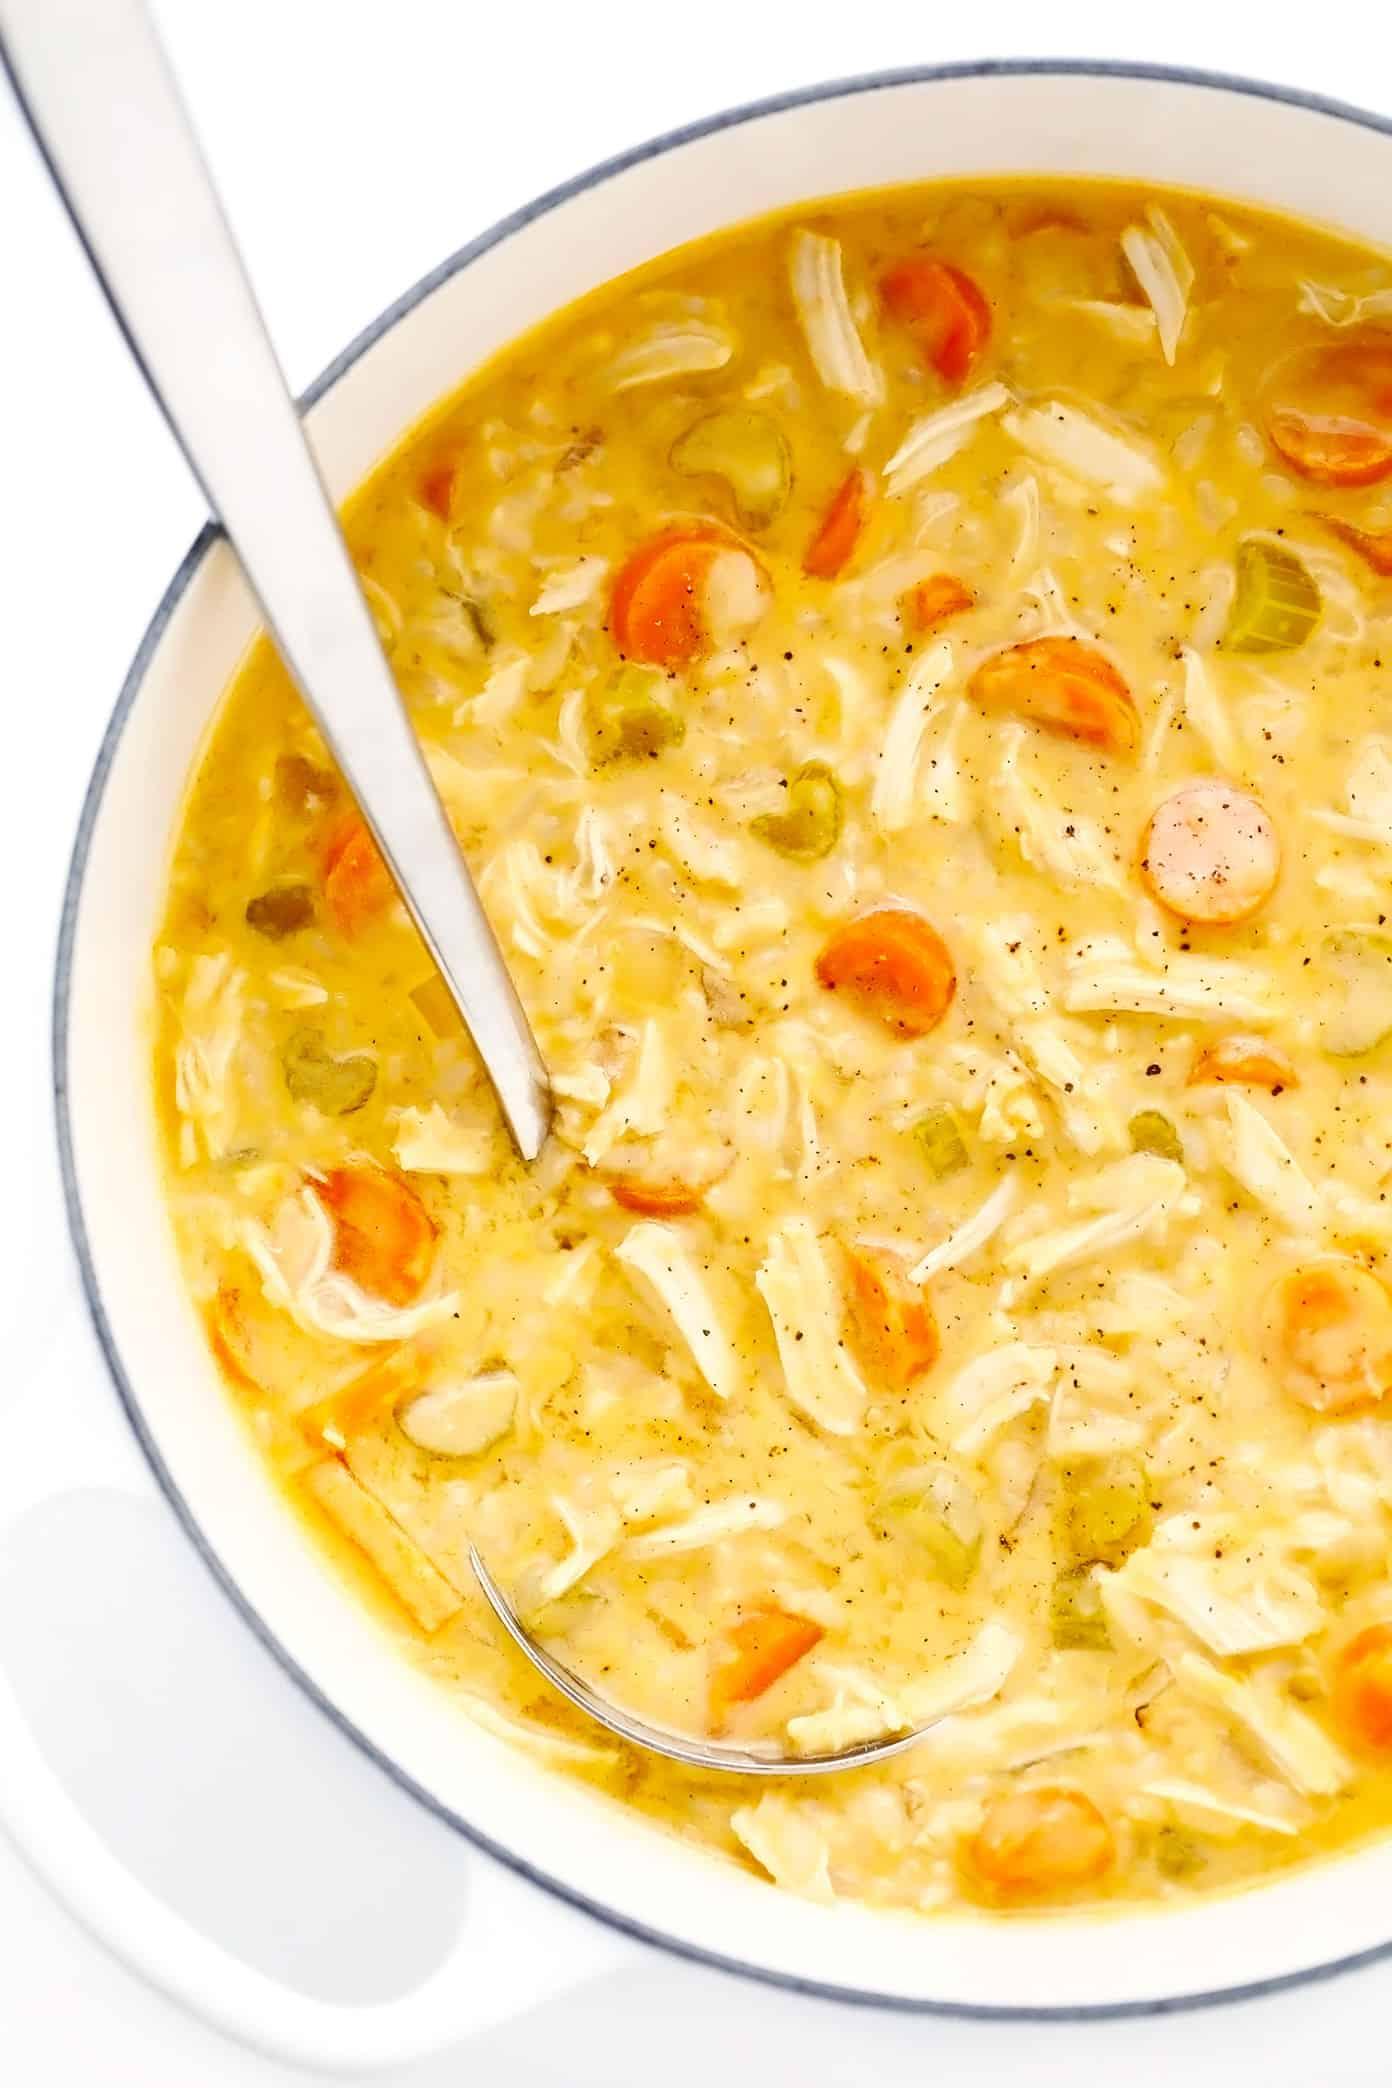 Pot of Creamy Buffalo Chicken Soup